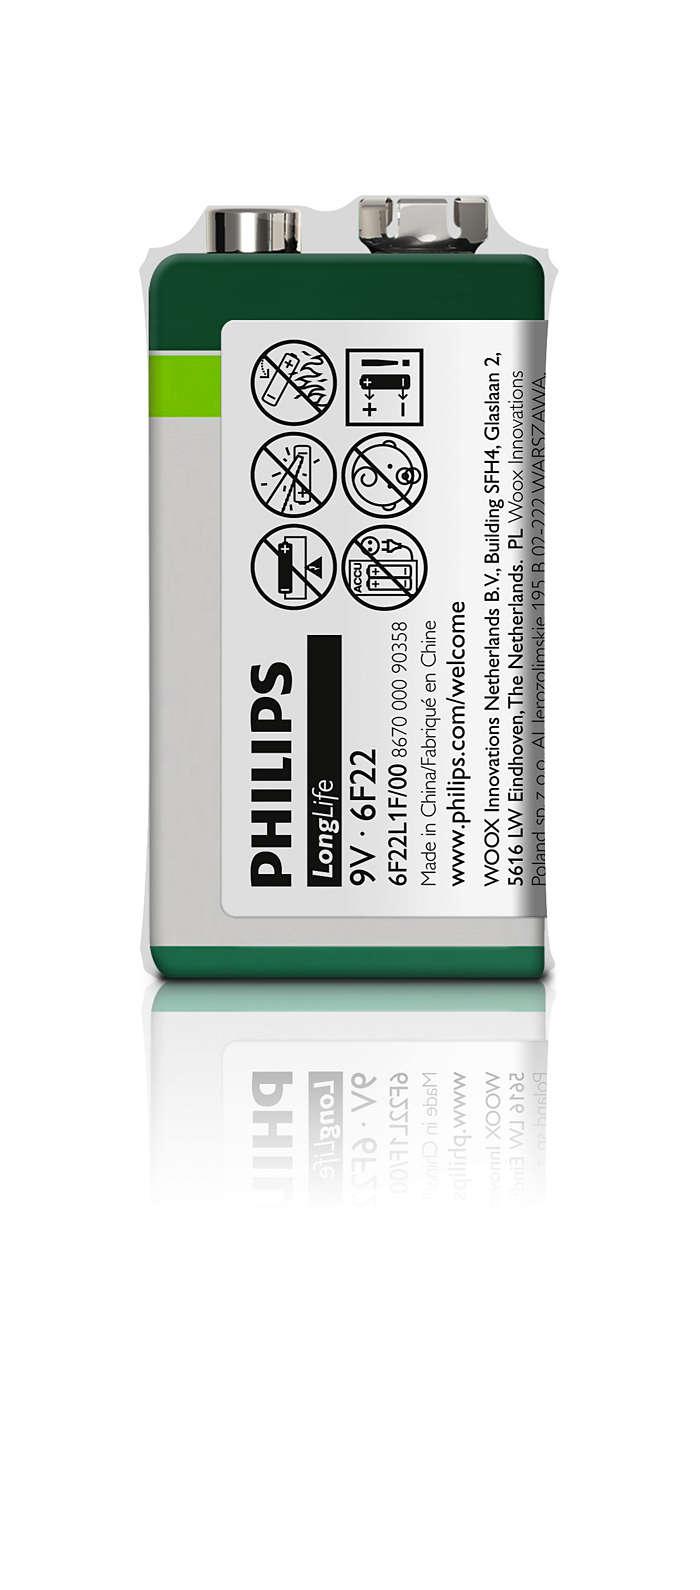 Högkvalitativa batterier för effektsnåla enheter